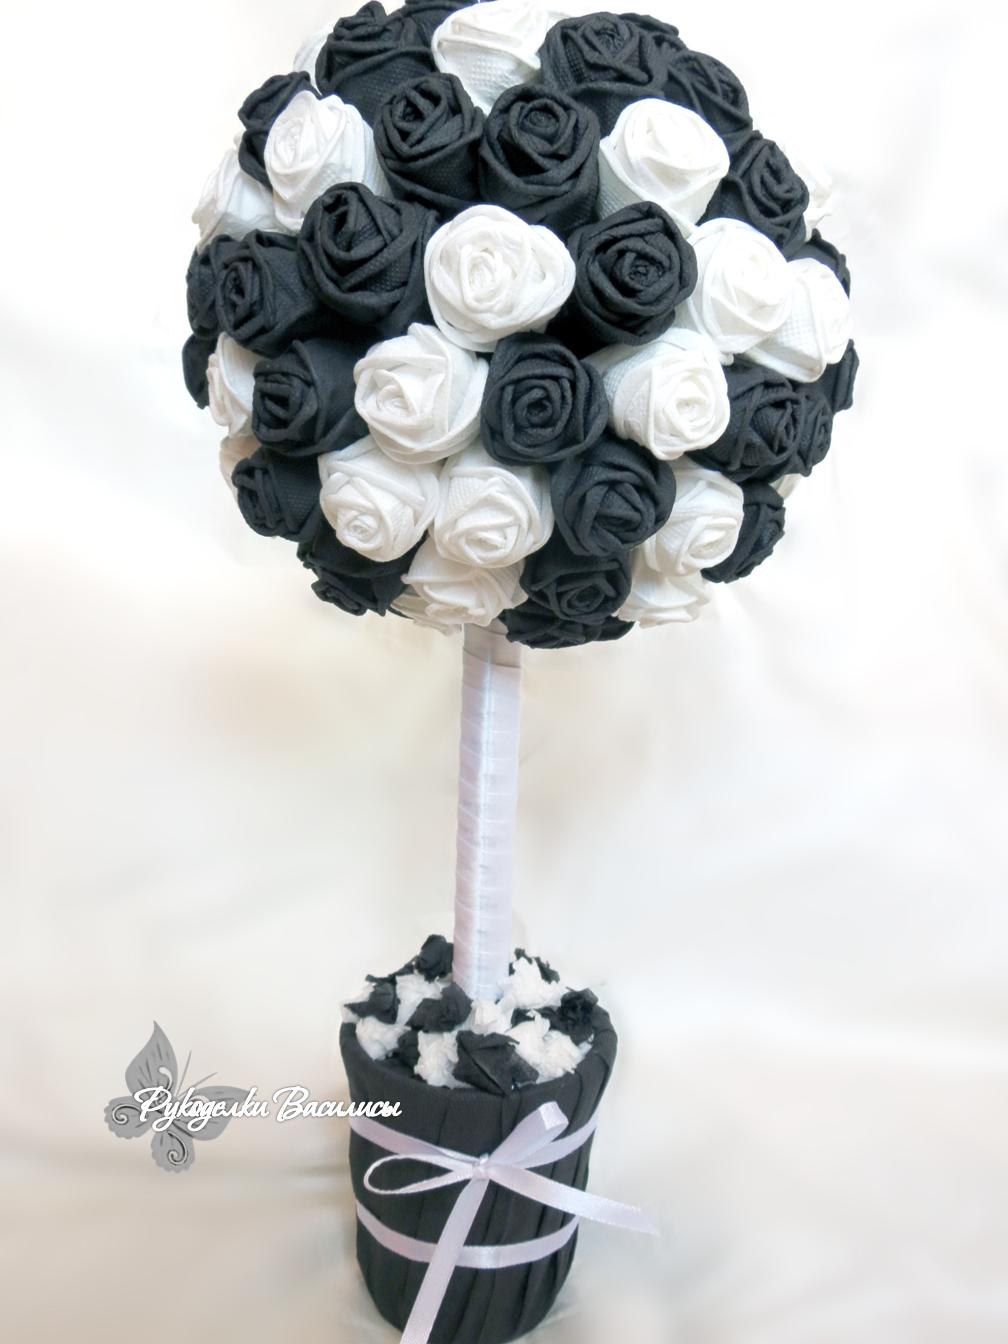 розы из салфеток своими руками, топиарий из бумажных роз, своими руками, топиарий ин-янь, черно-белый топиарий, рукоделки василисы